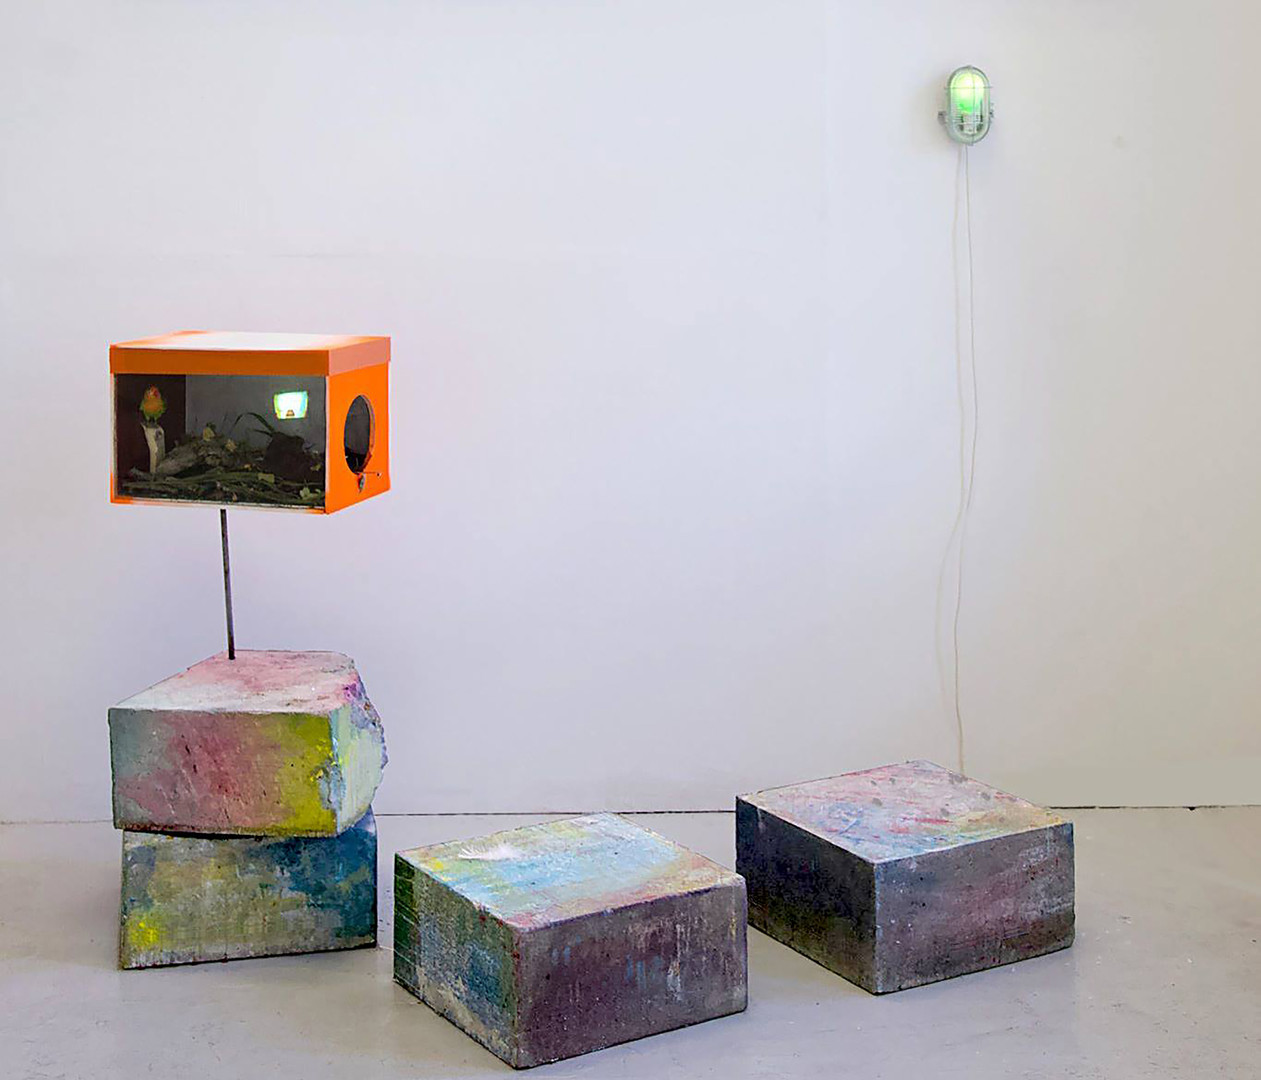 Birdhouse Tableau, (semi-static image), 2018